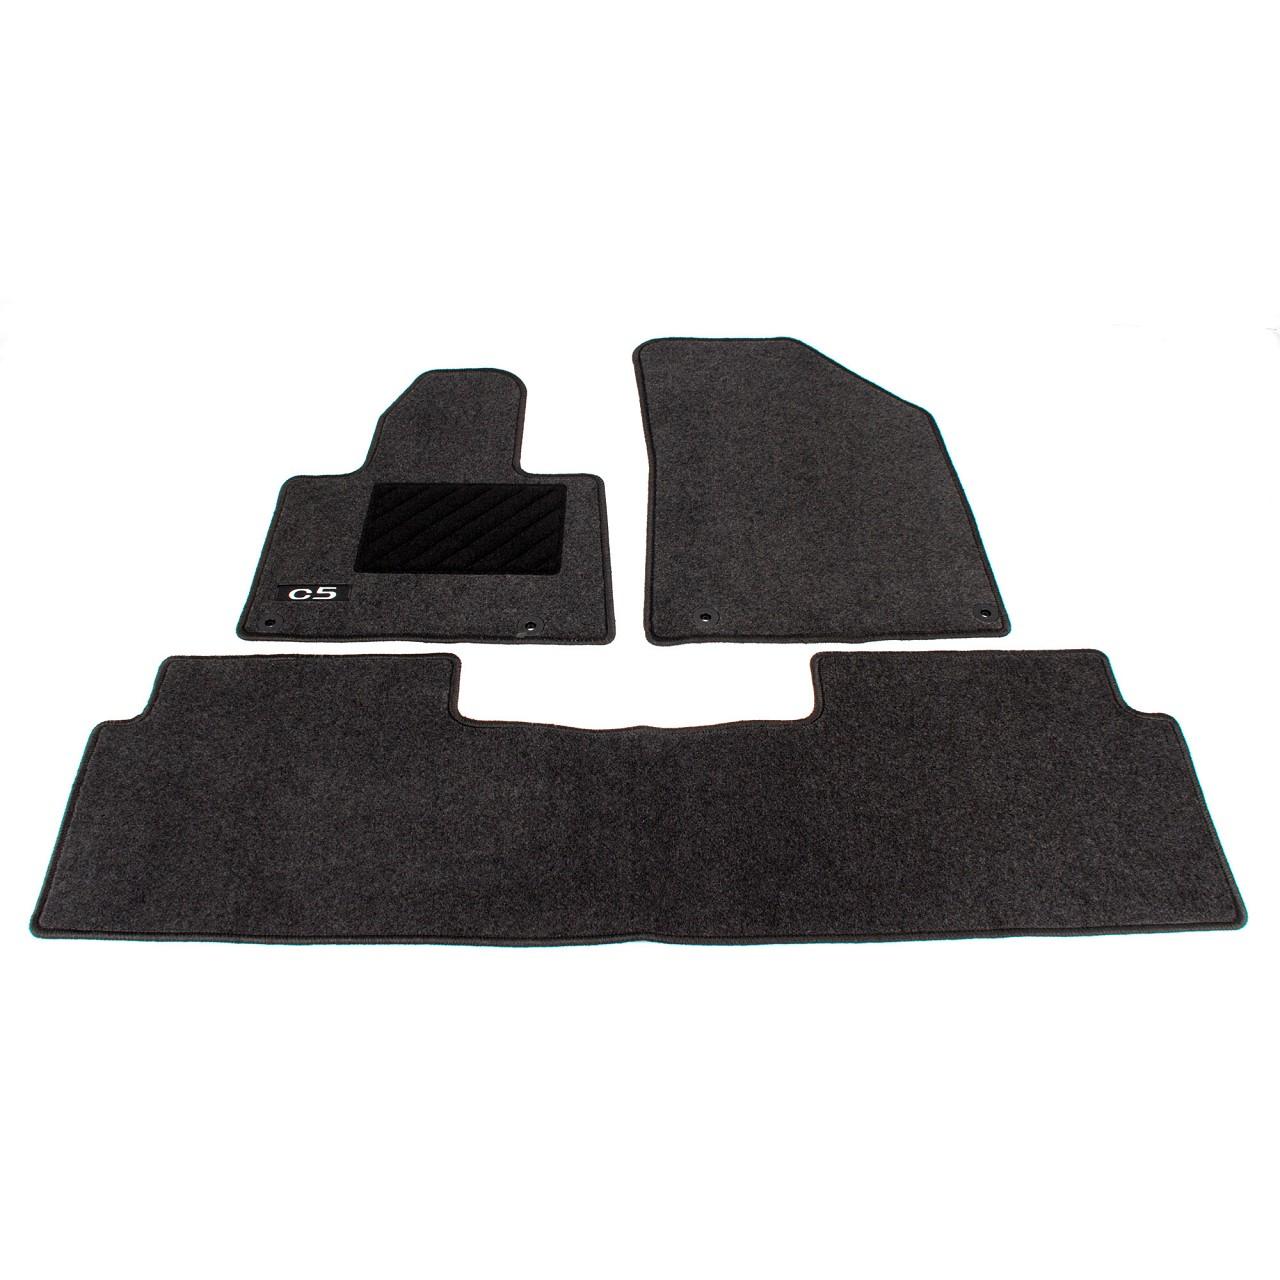 ORIGINAL Citroen Textilmatten Fußmatten Automatten Satz 3-tlg C5 III 9464.Y9